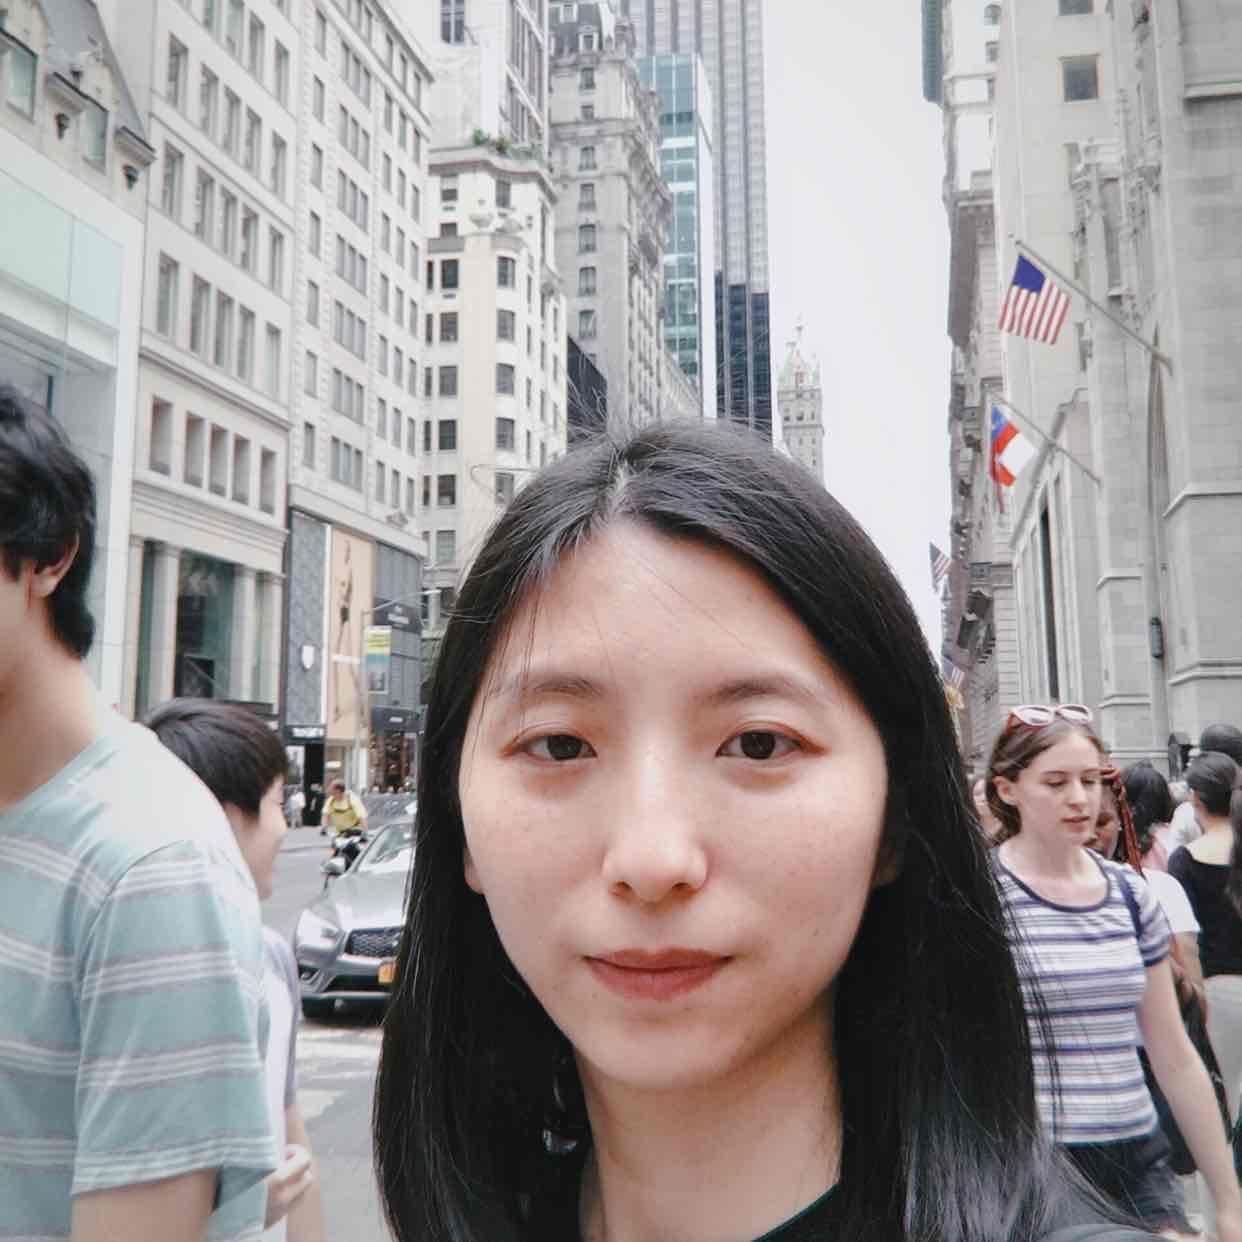 芙蓉姐姐纽约小买手